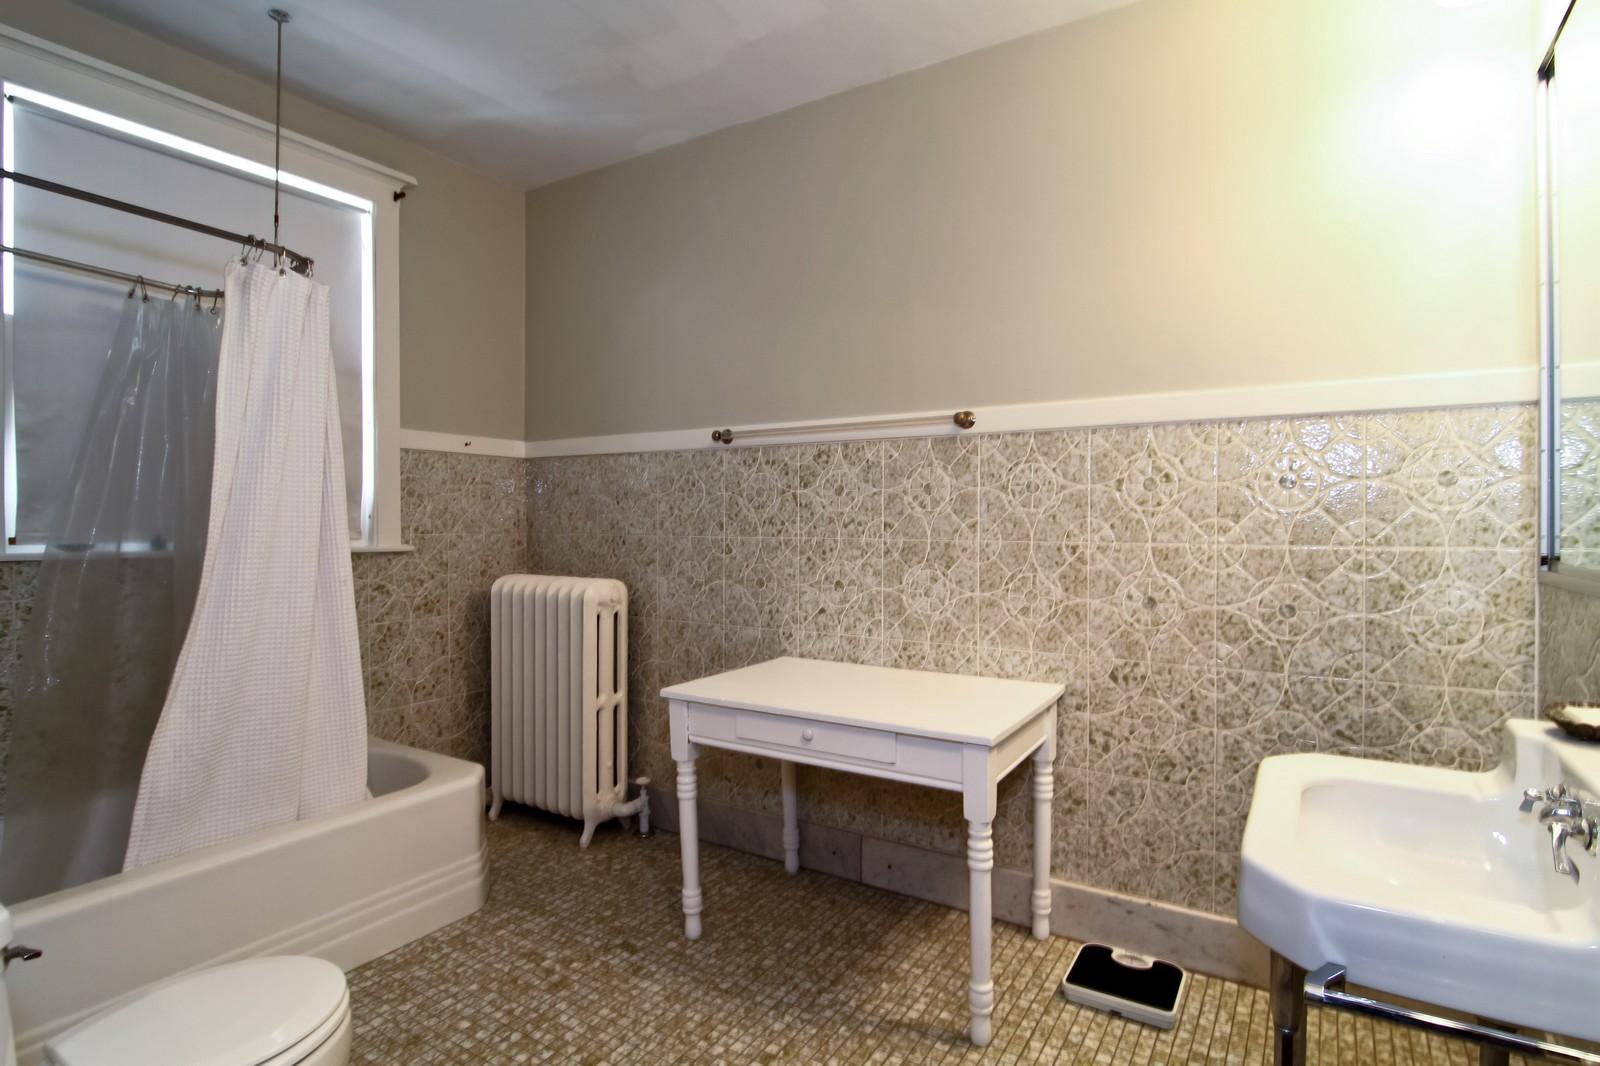 Real Estate Photography - 239 6th Avenue, La Grange, IL, 60525 - Bathroom